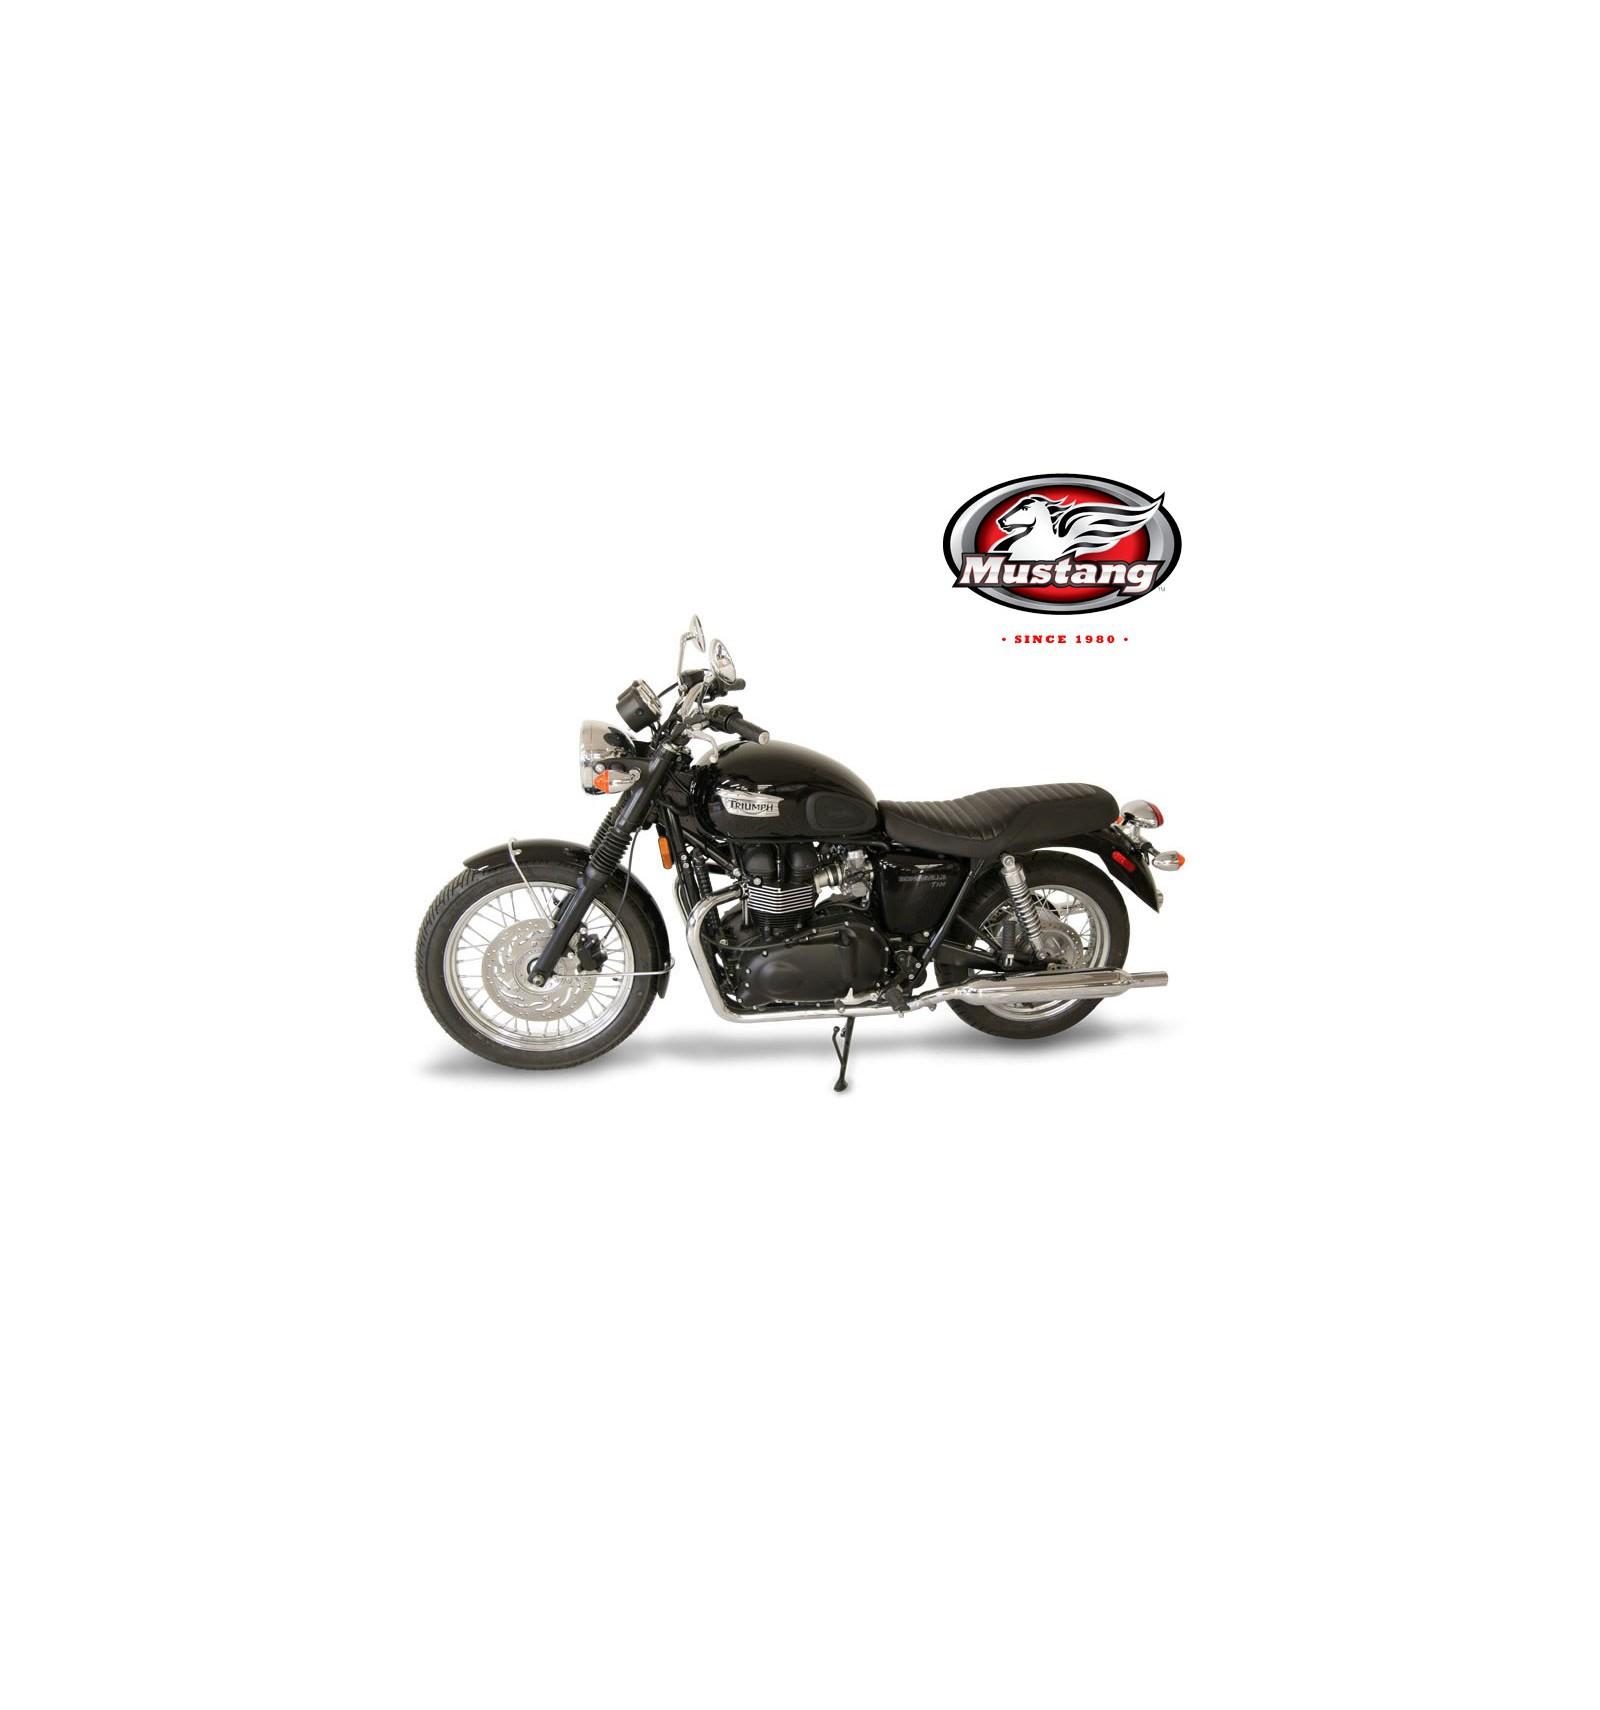 Triumph Bonneville, Bonneville T100, Bonneville SE